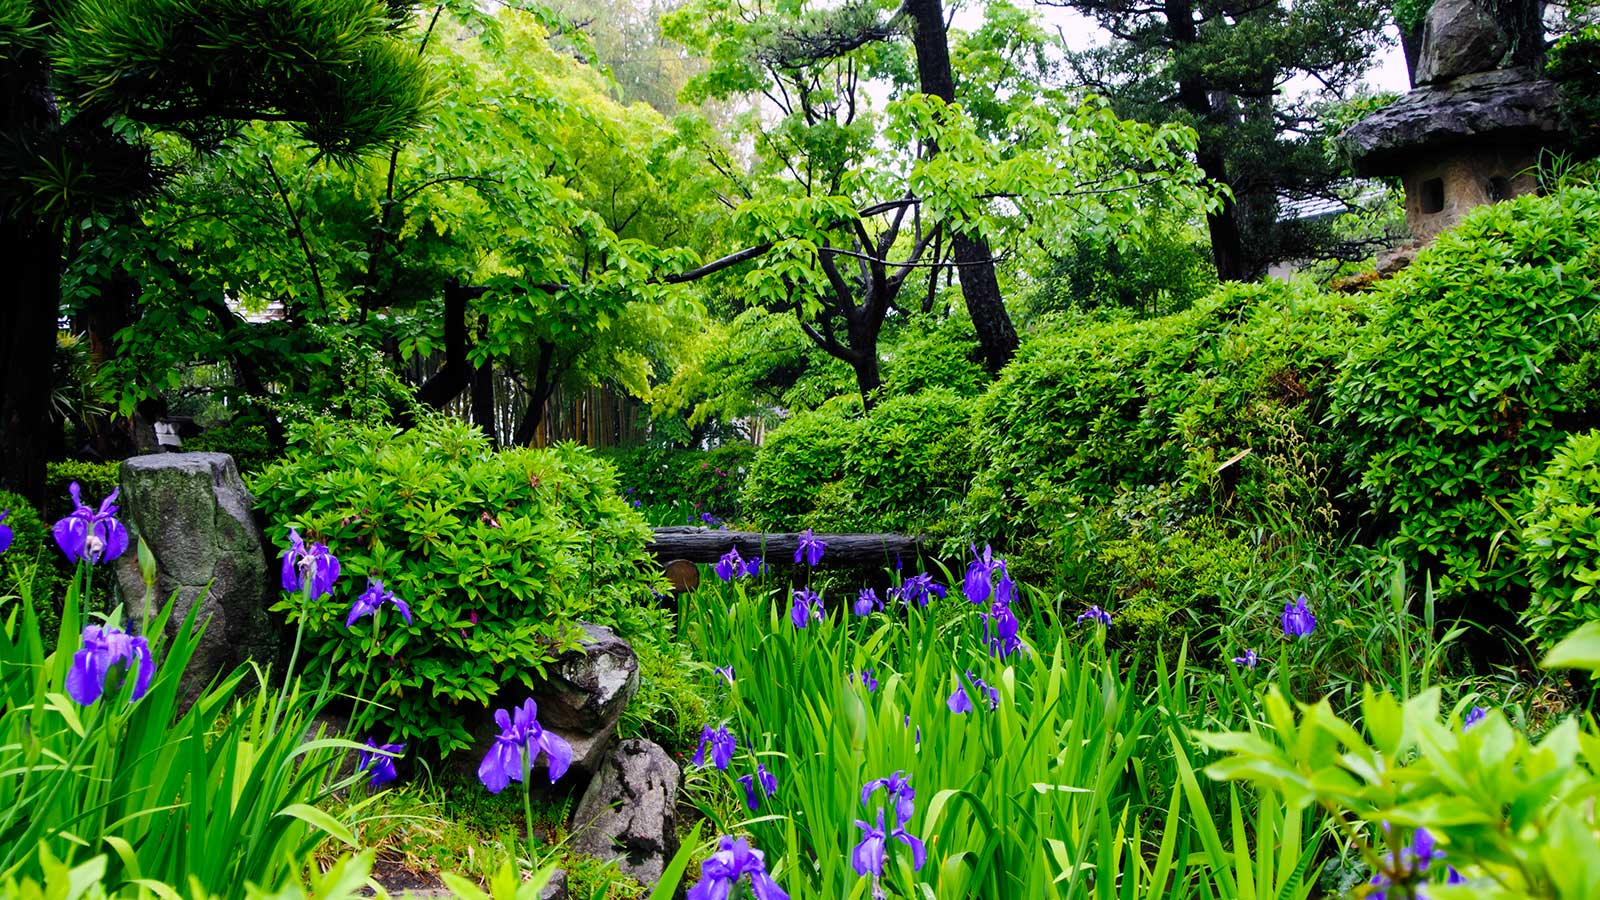 雨の日は億劫になるが、雨だからこそ映えるかきつばたの画もある - -愛知県知立市にある観光、撮影スポット- -